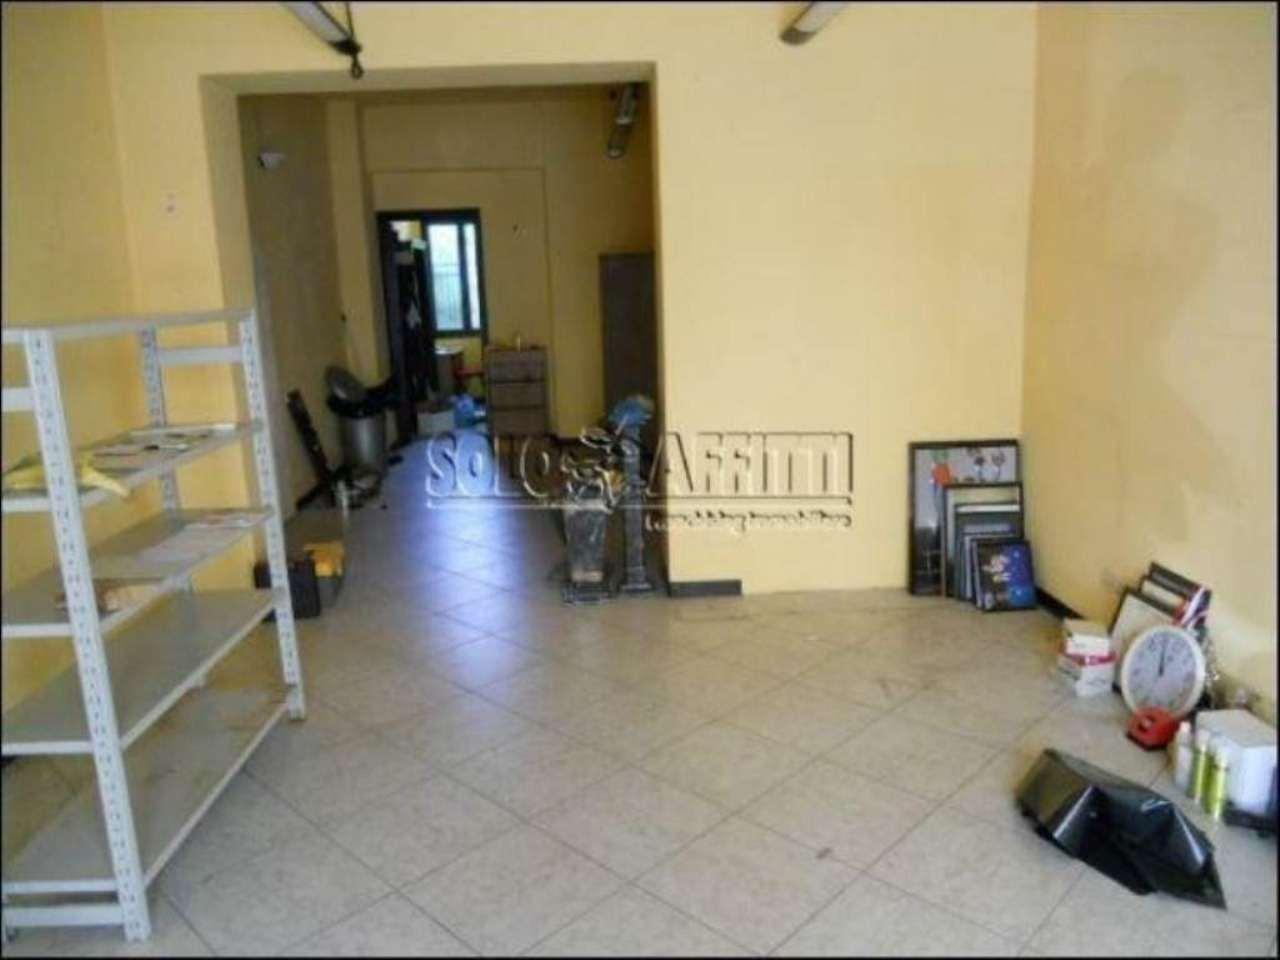 Negozio / Locale in affitto a Pistoia, 1 locali, prezzo € 550 | CambioCasa.it